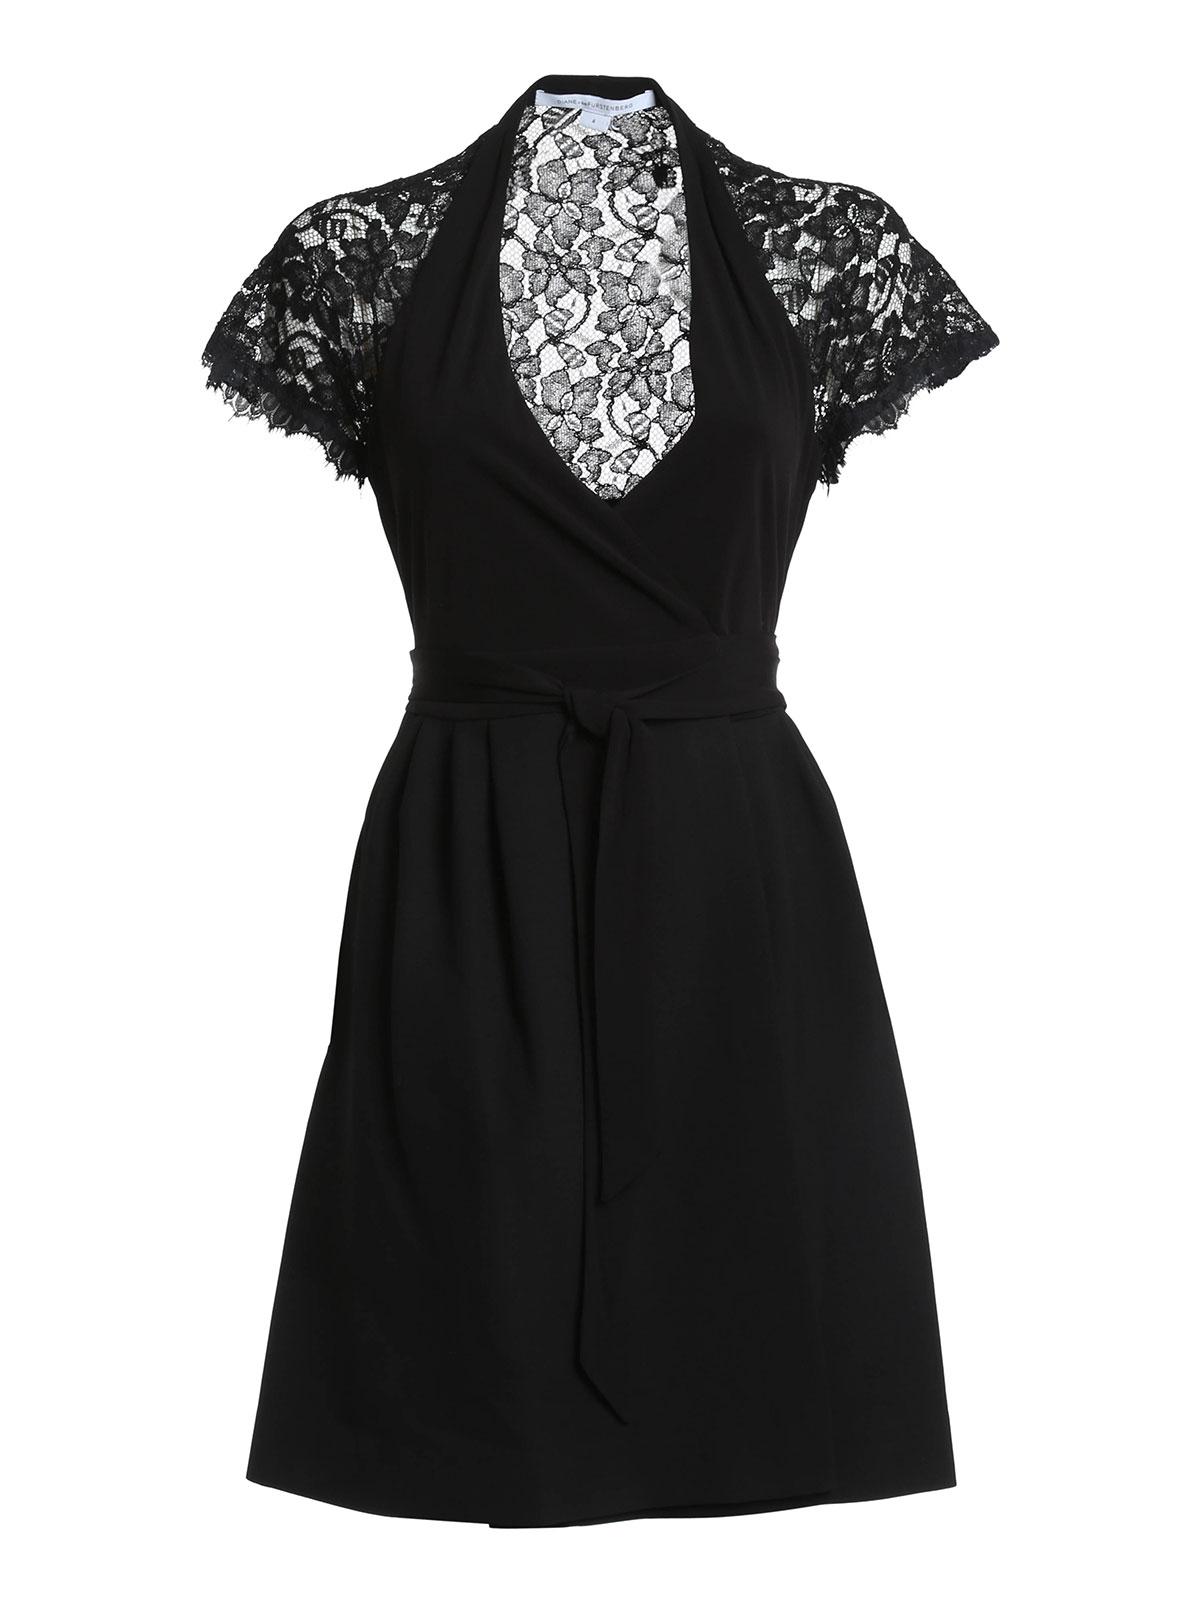 Elizabeth wrap dress by Diane Von Furstenberg - cocktail dresses ...